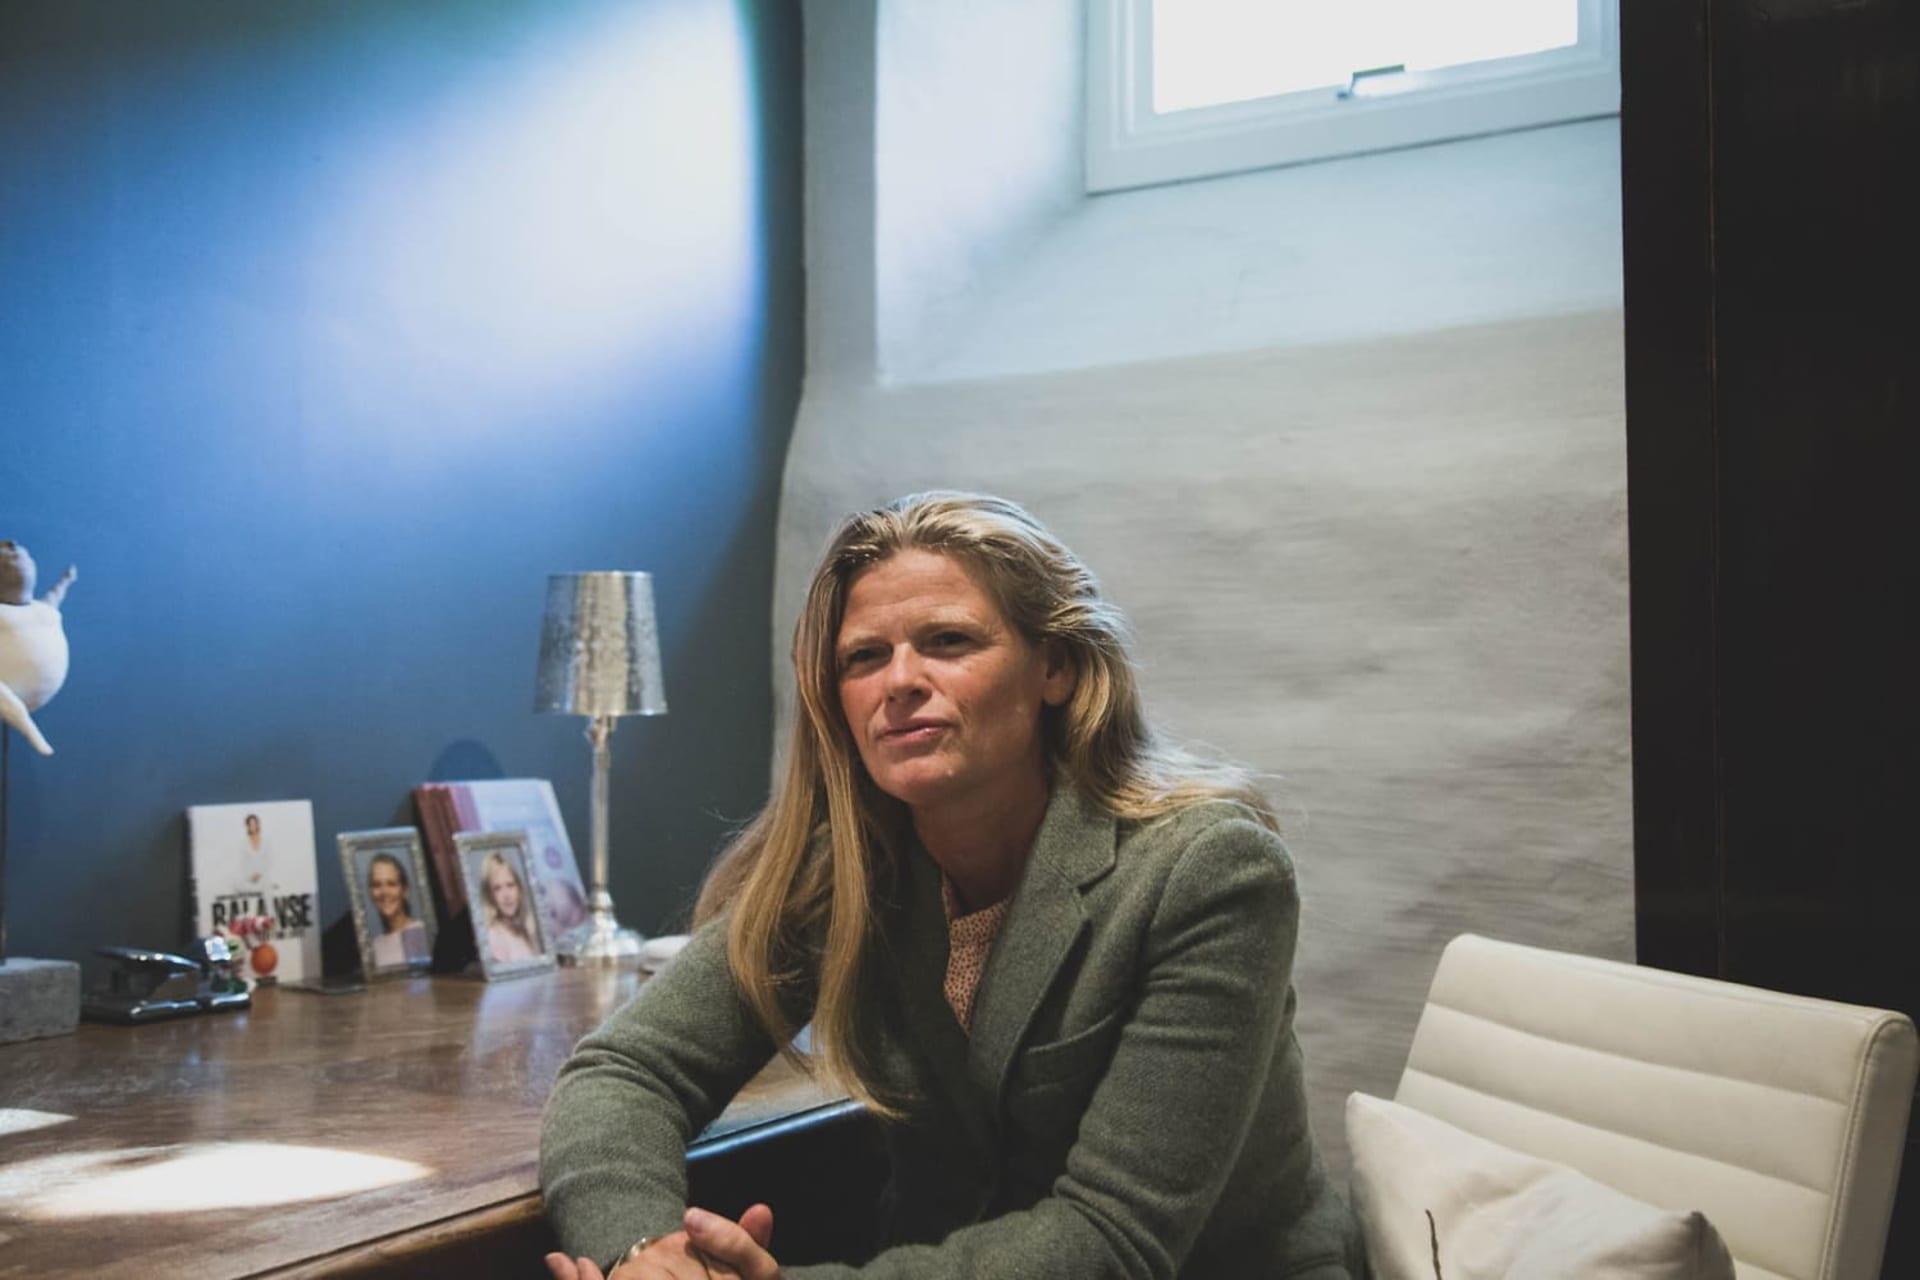 Å OPPRETTHOLDE LIVSBALANSEN: Karen Kollien Nygaard brenner for hvordan man kan beholde livsbalansen, med en spennende karriere, samtidig som man tar vare på helsen. Men hva gjør du når det blir altfor mye jobb, som går utover helsen?